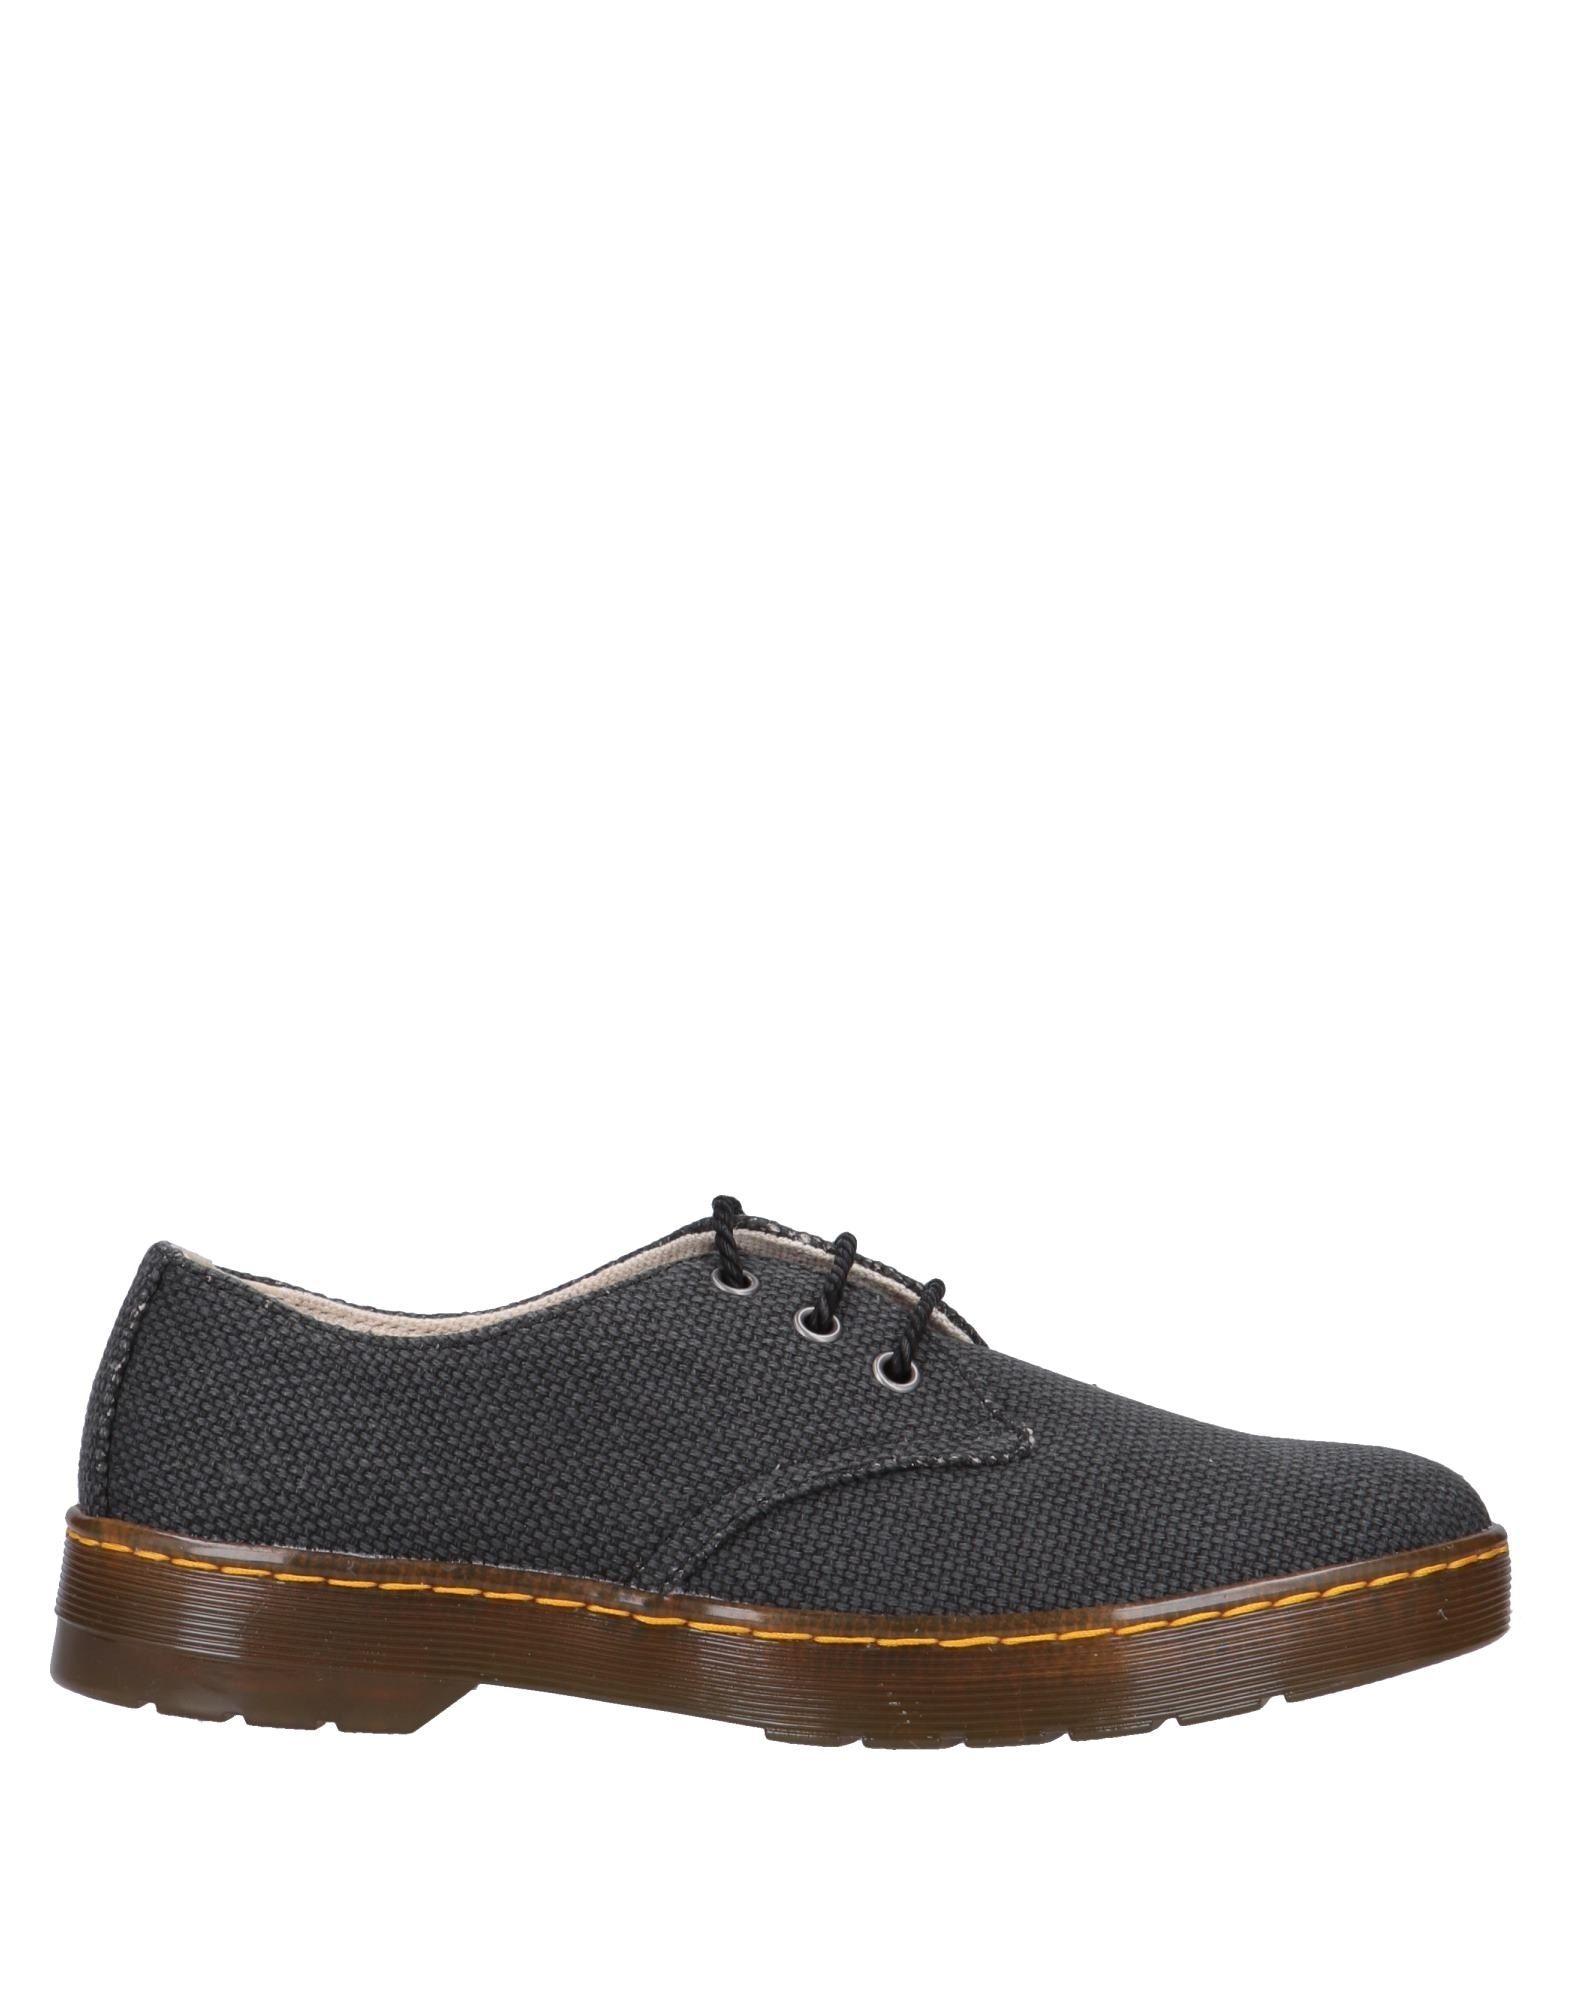 Chaussures À Lacets Dr. Martens Homme - Chaussures À Lacets Dr. Martens   - 11594338AP